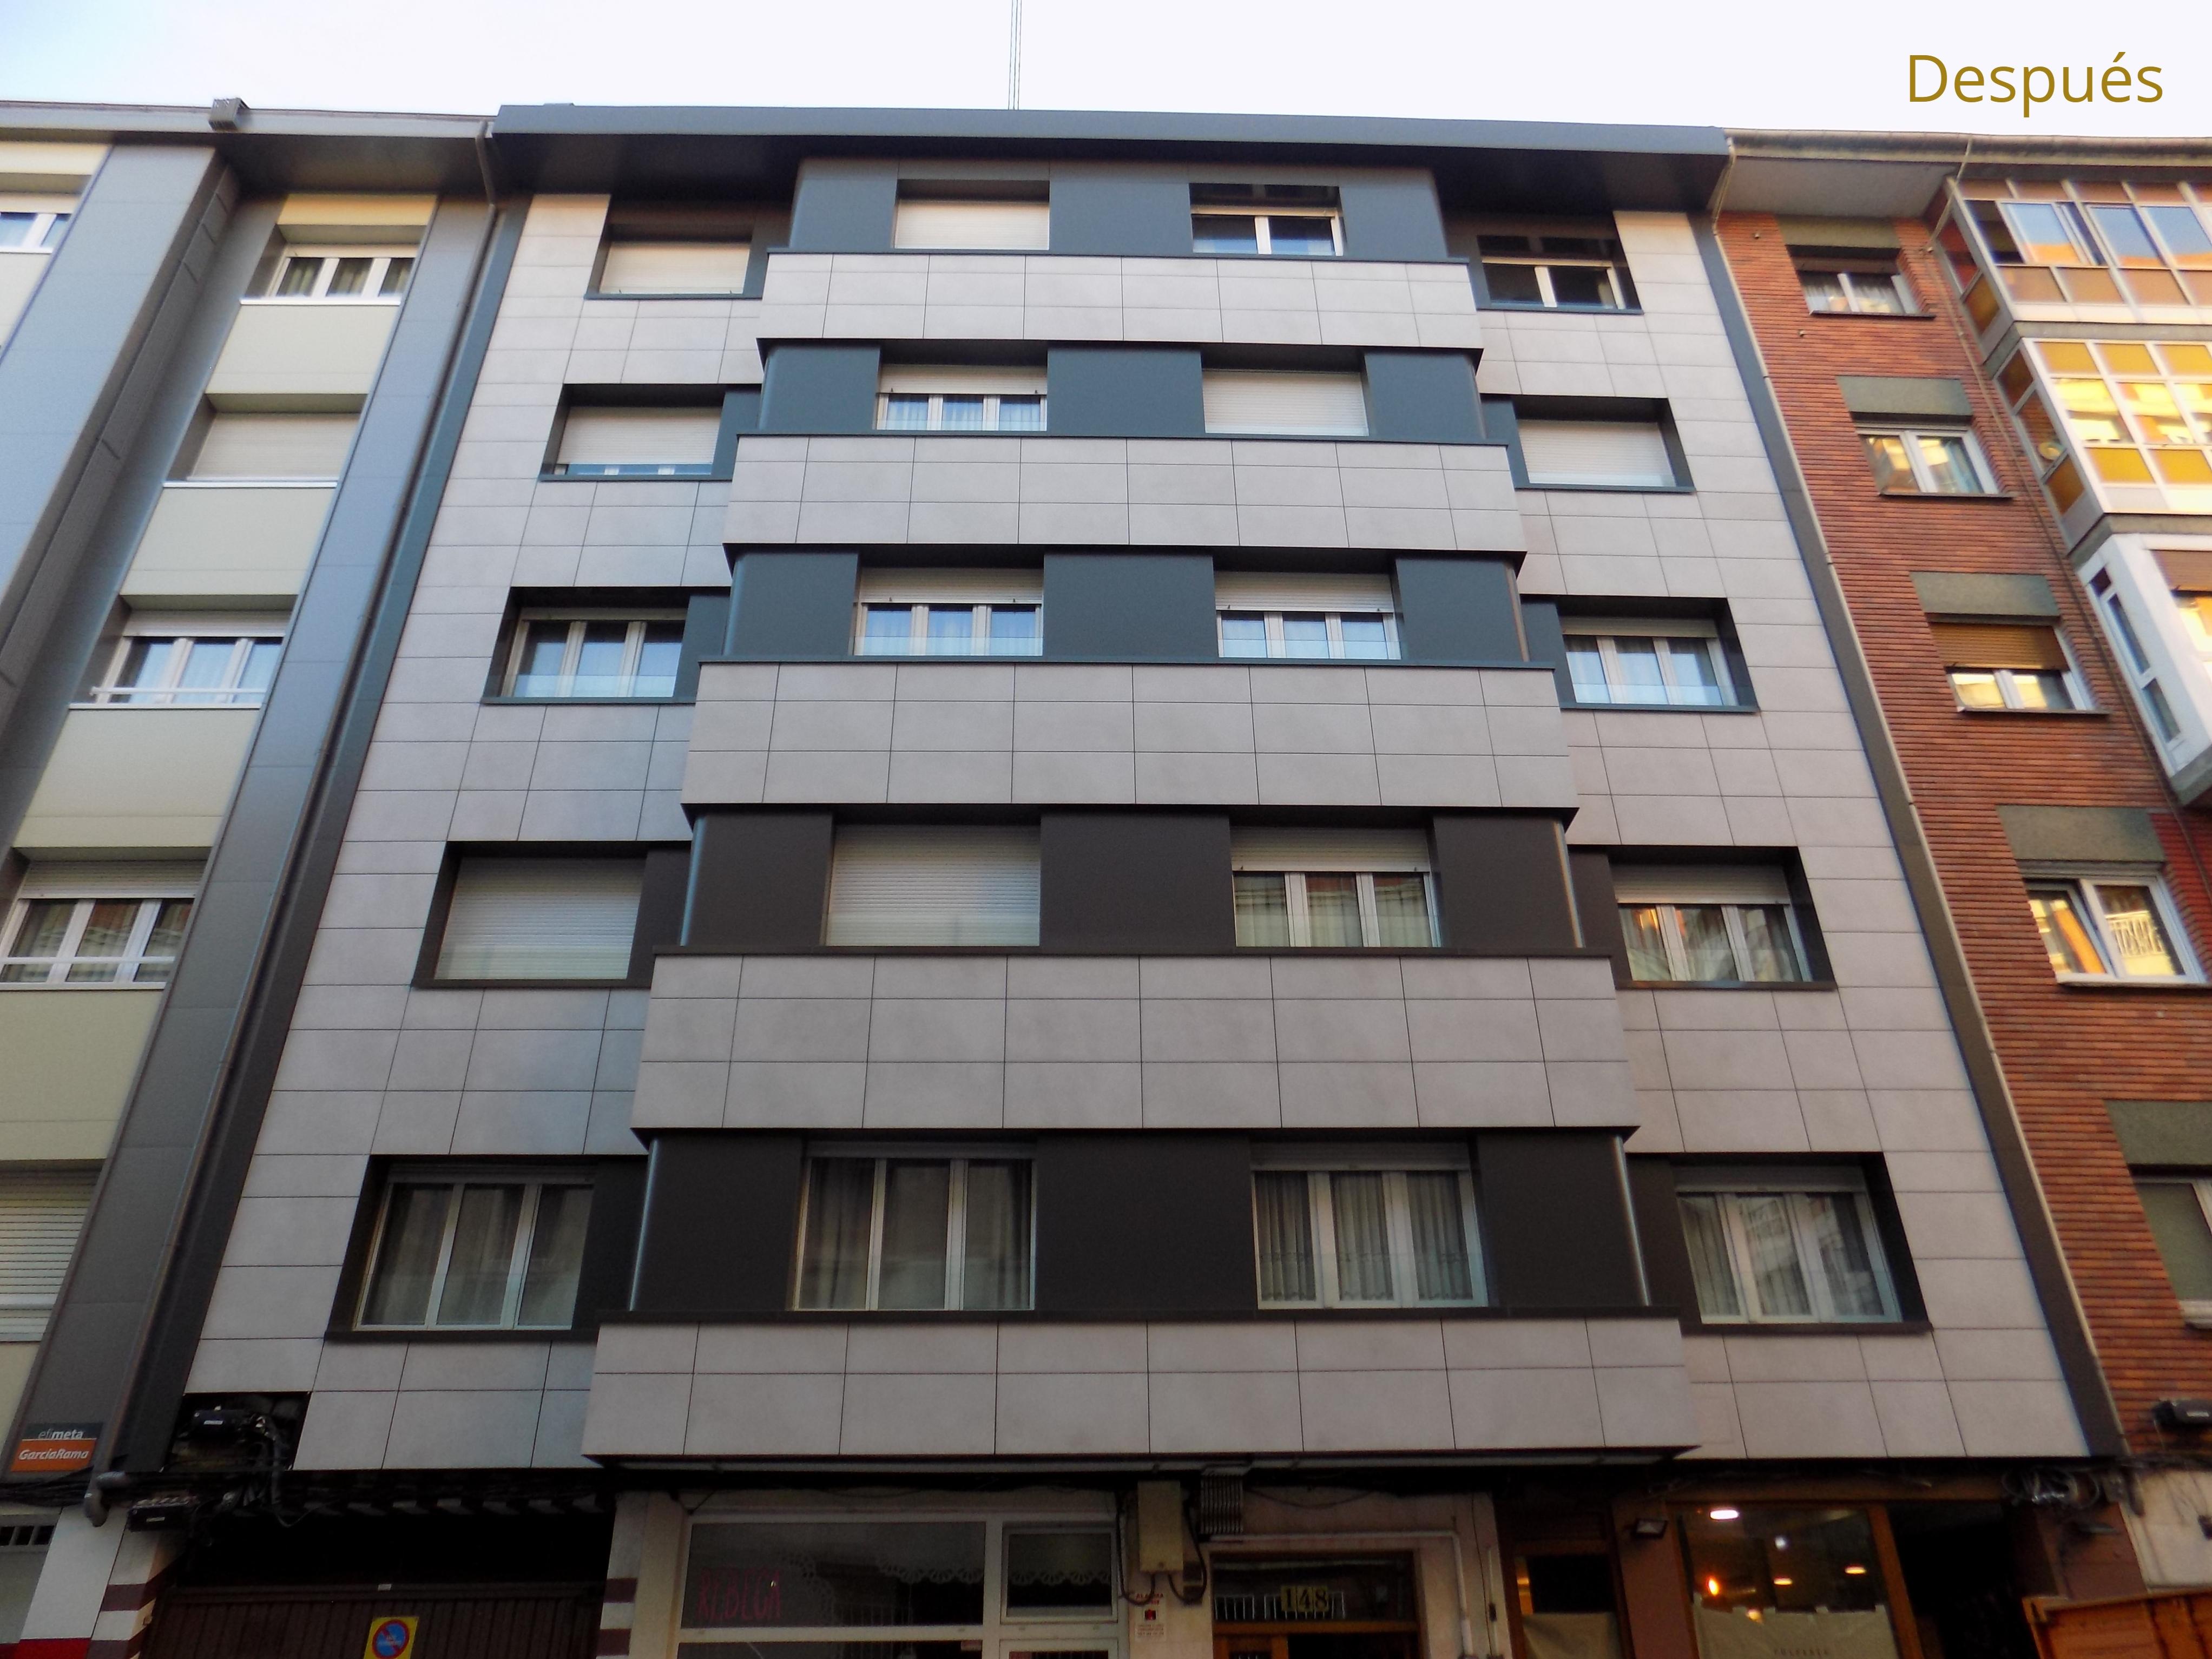 Calle Ezcurdia 148, Gijón